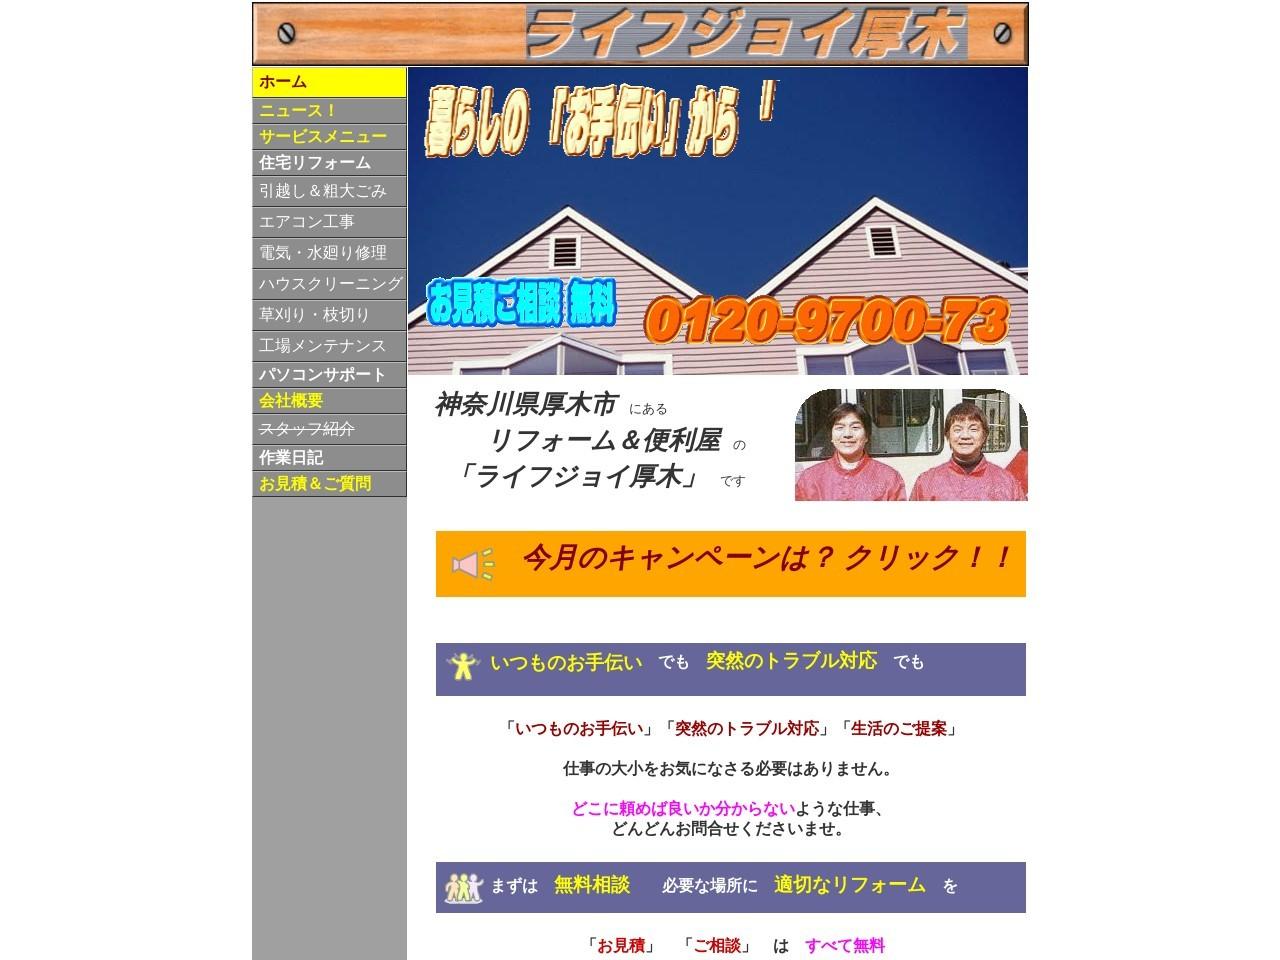 株式会社ライフジョイ・デザインズ